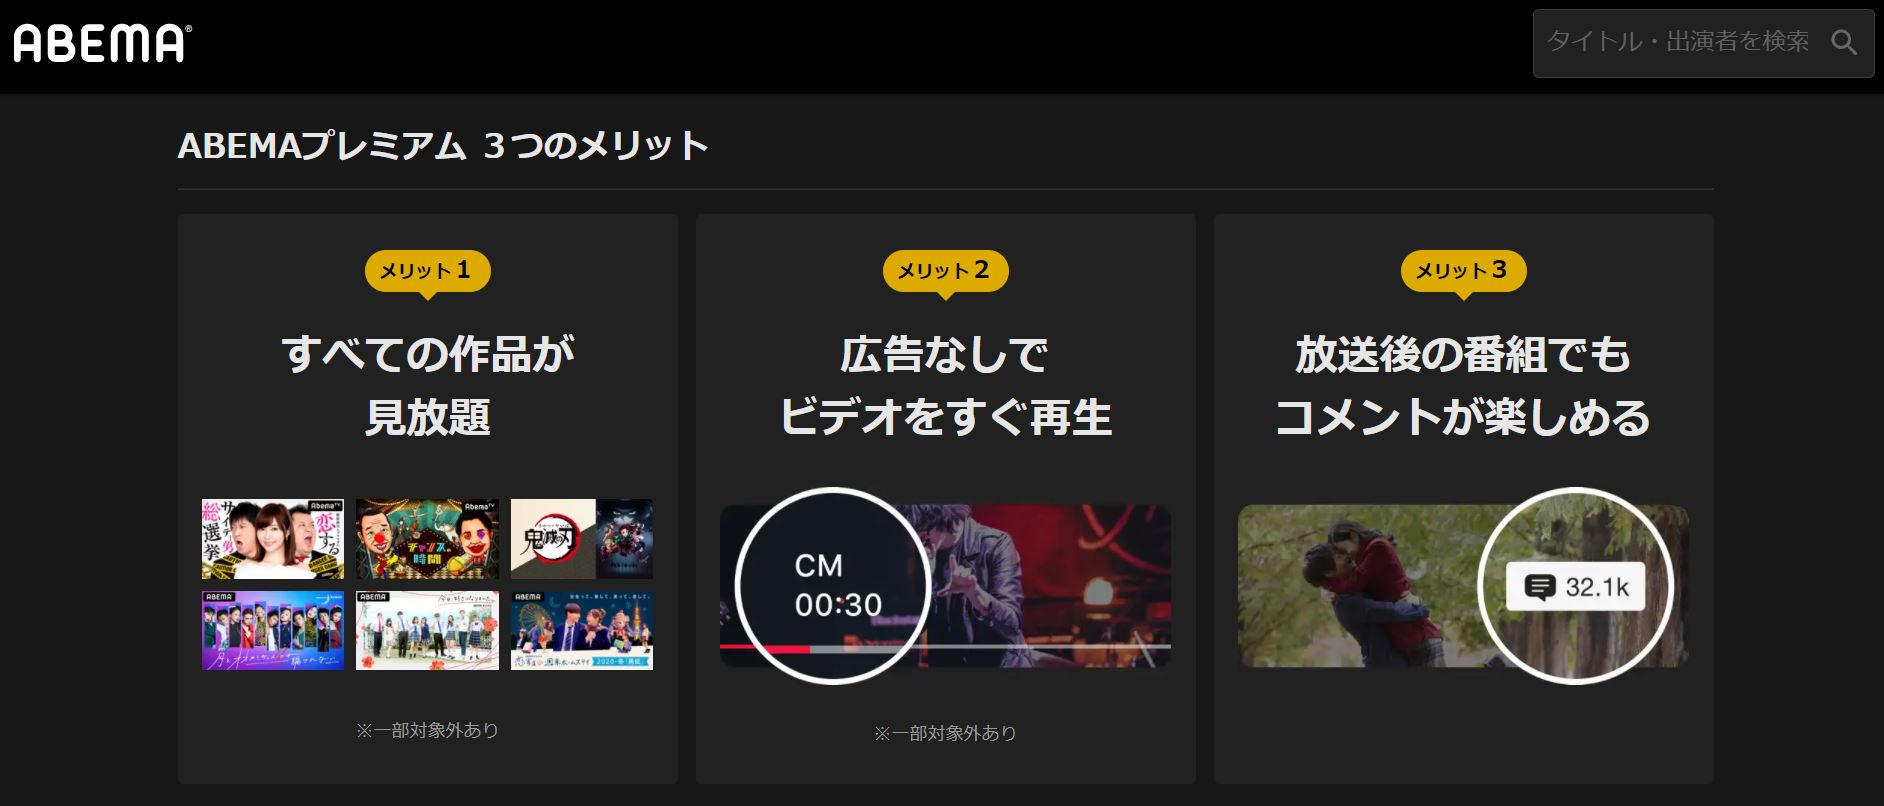 BTSのAbemaプレミアム動画無料視聴方法